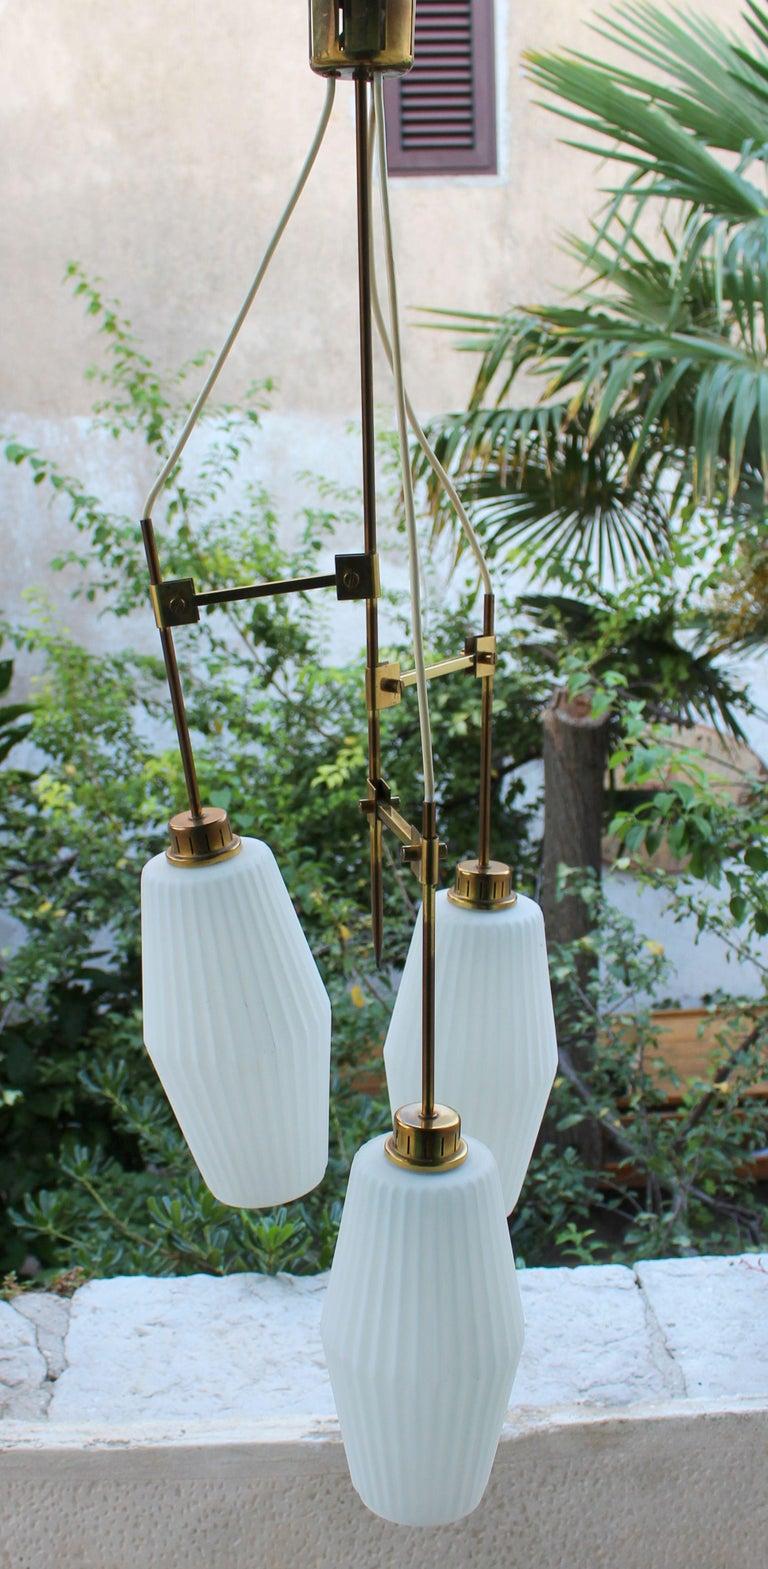 European Italian Chandelier Art Deco Style For Sale